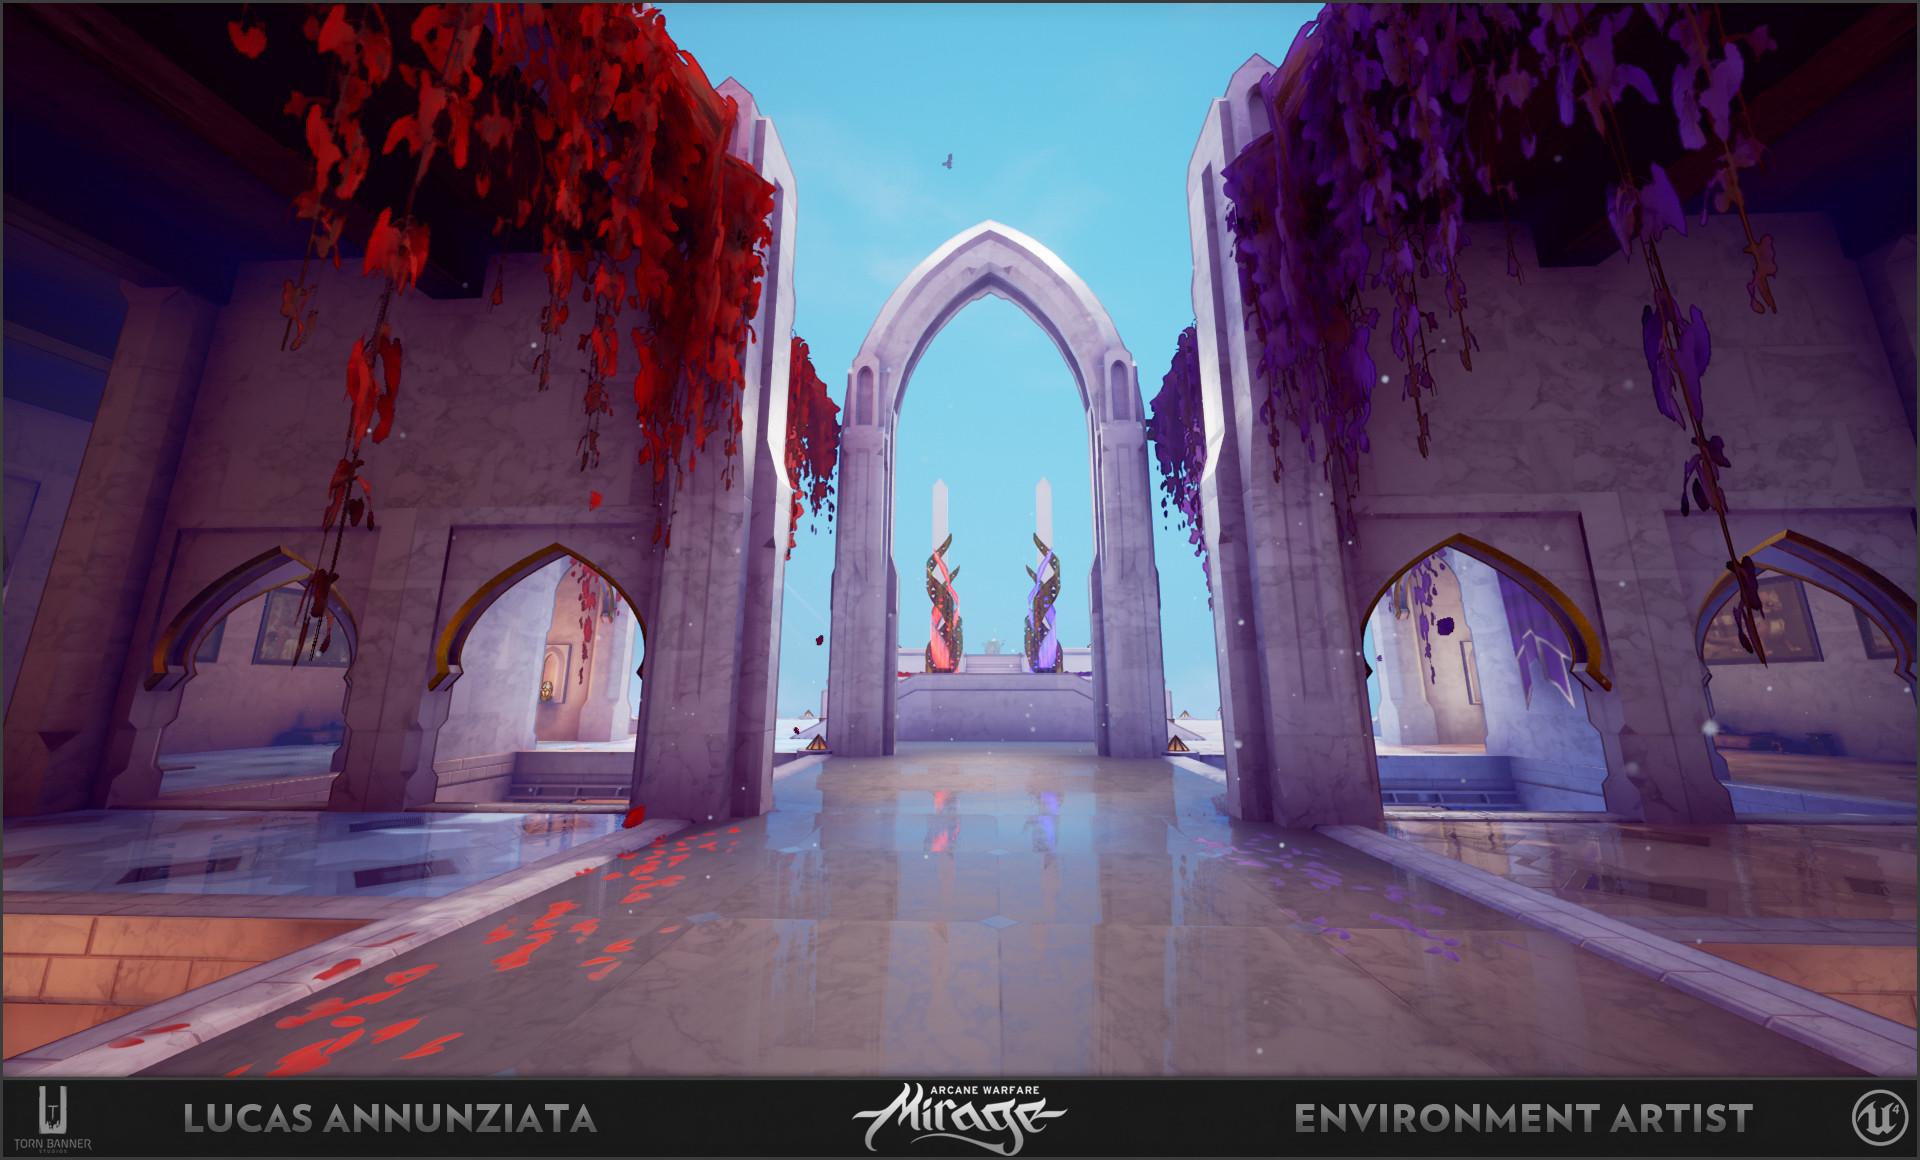 Lucas annunziata courtyard 7